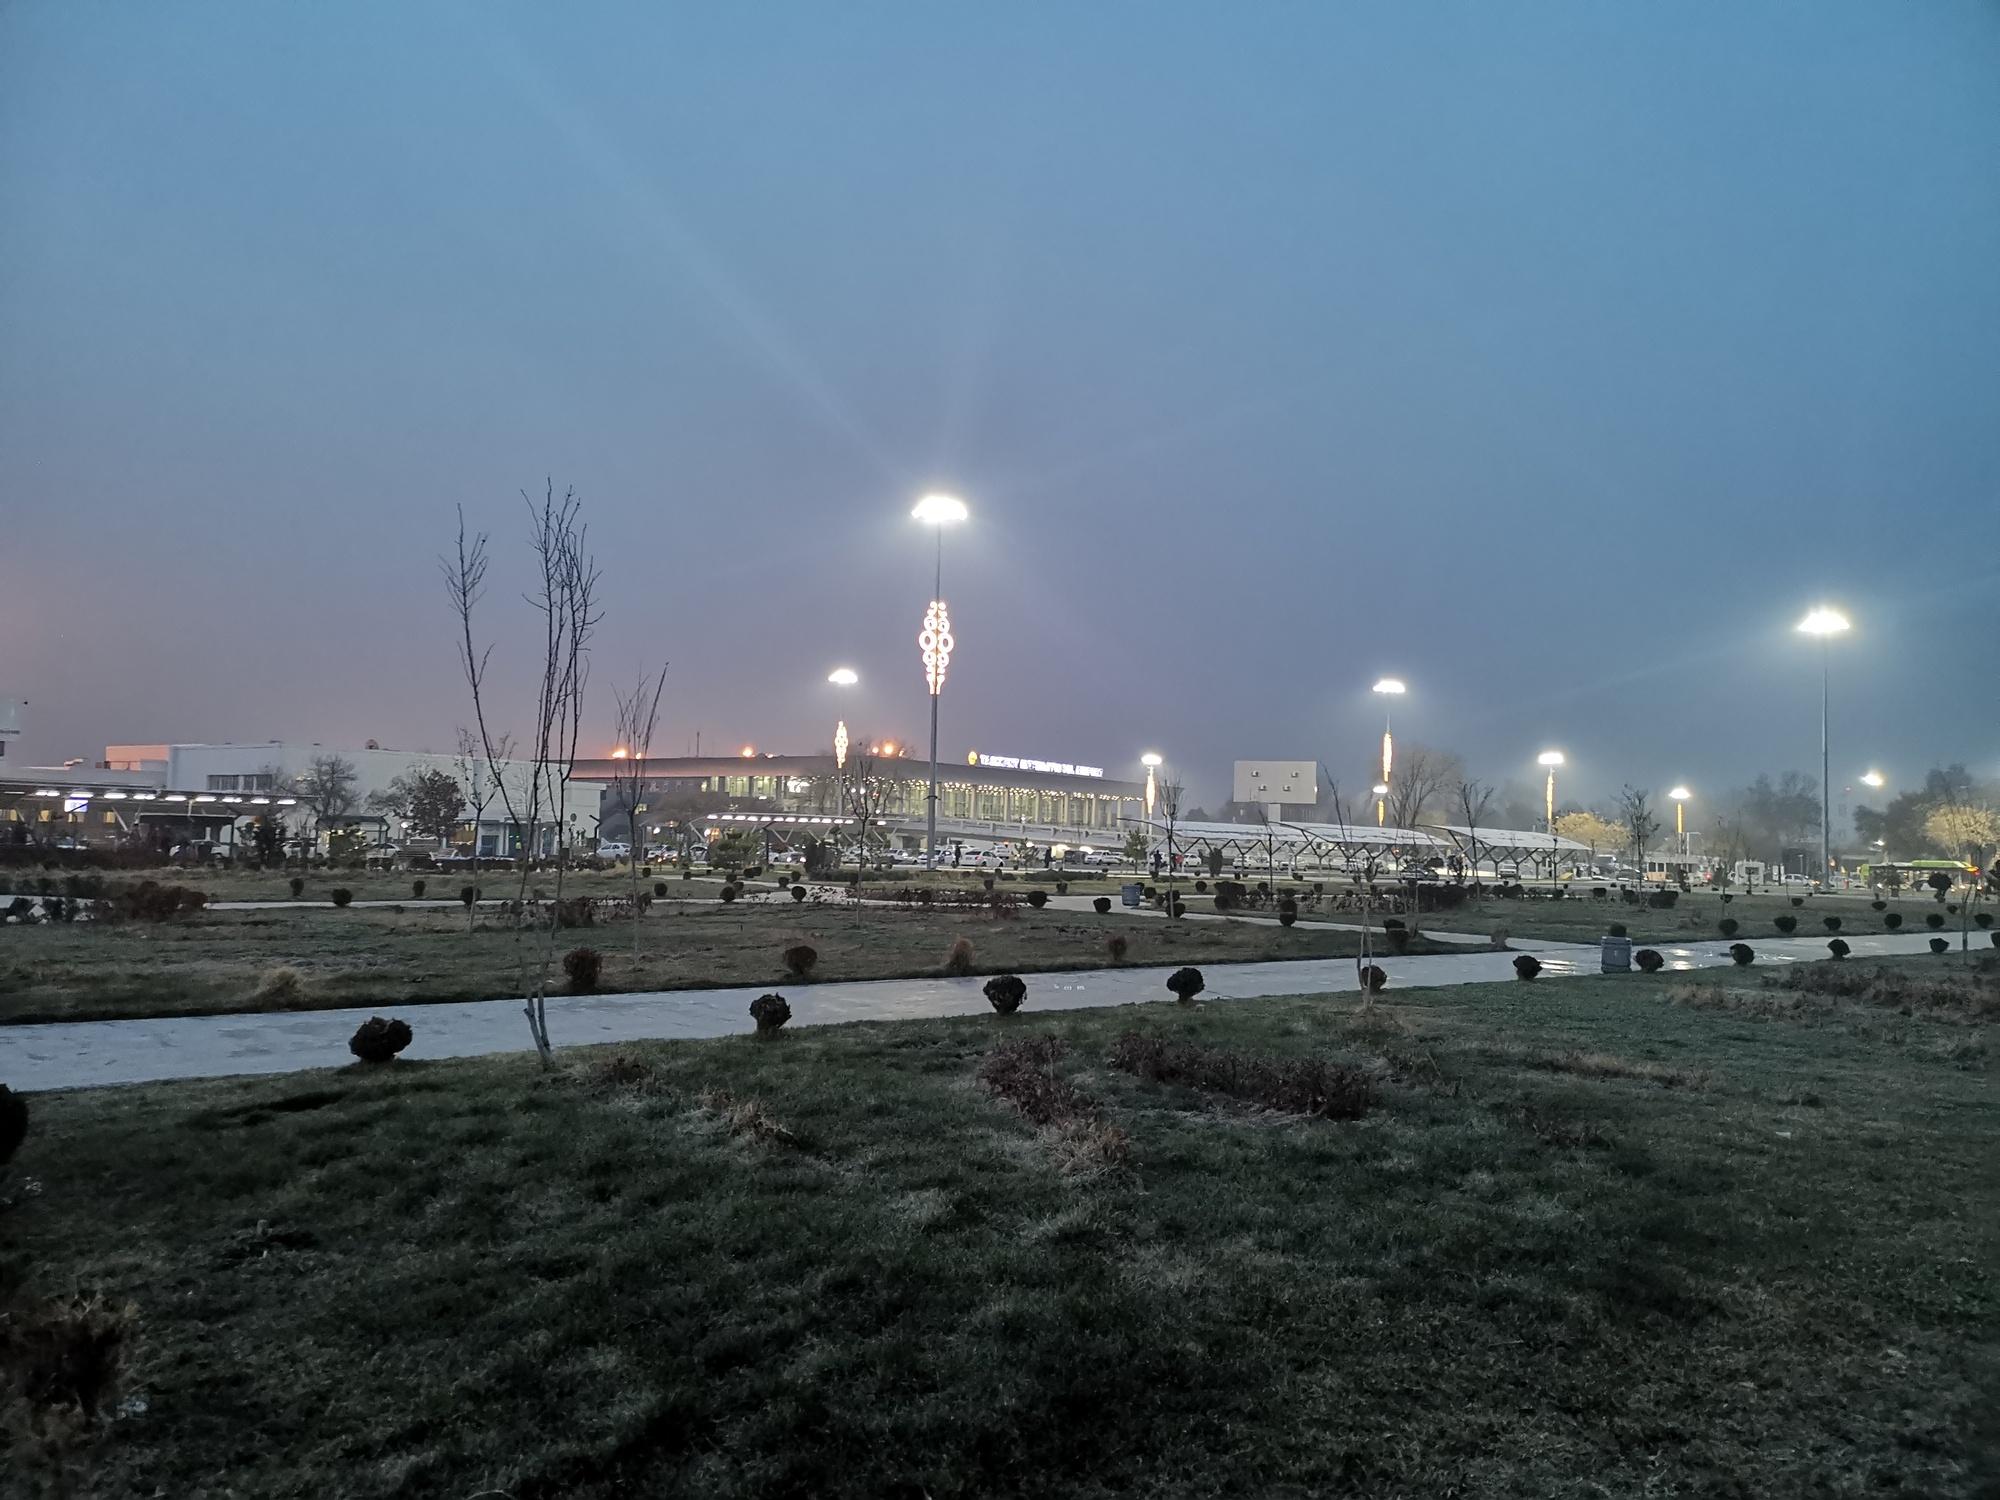 Аэропорт «Ташкент» имени Ислама Каримова, Ташкент, Узбекистан